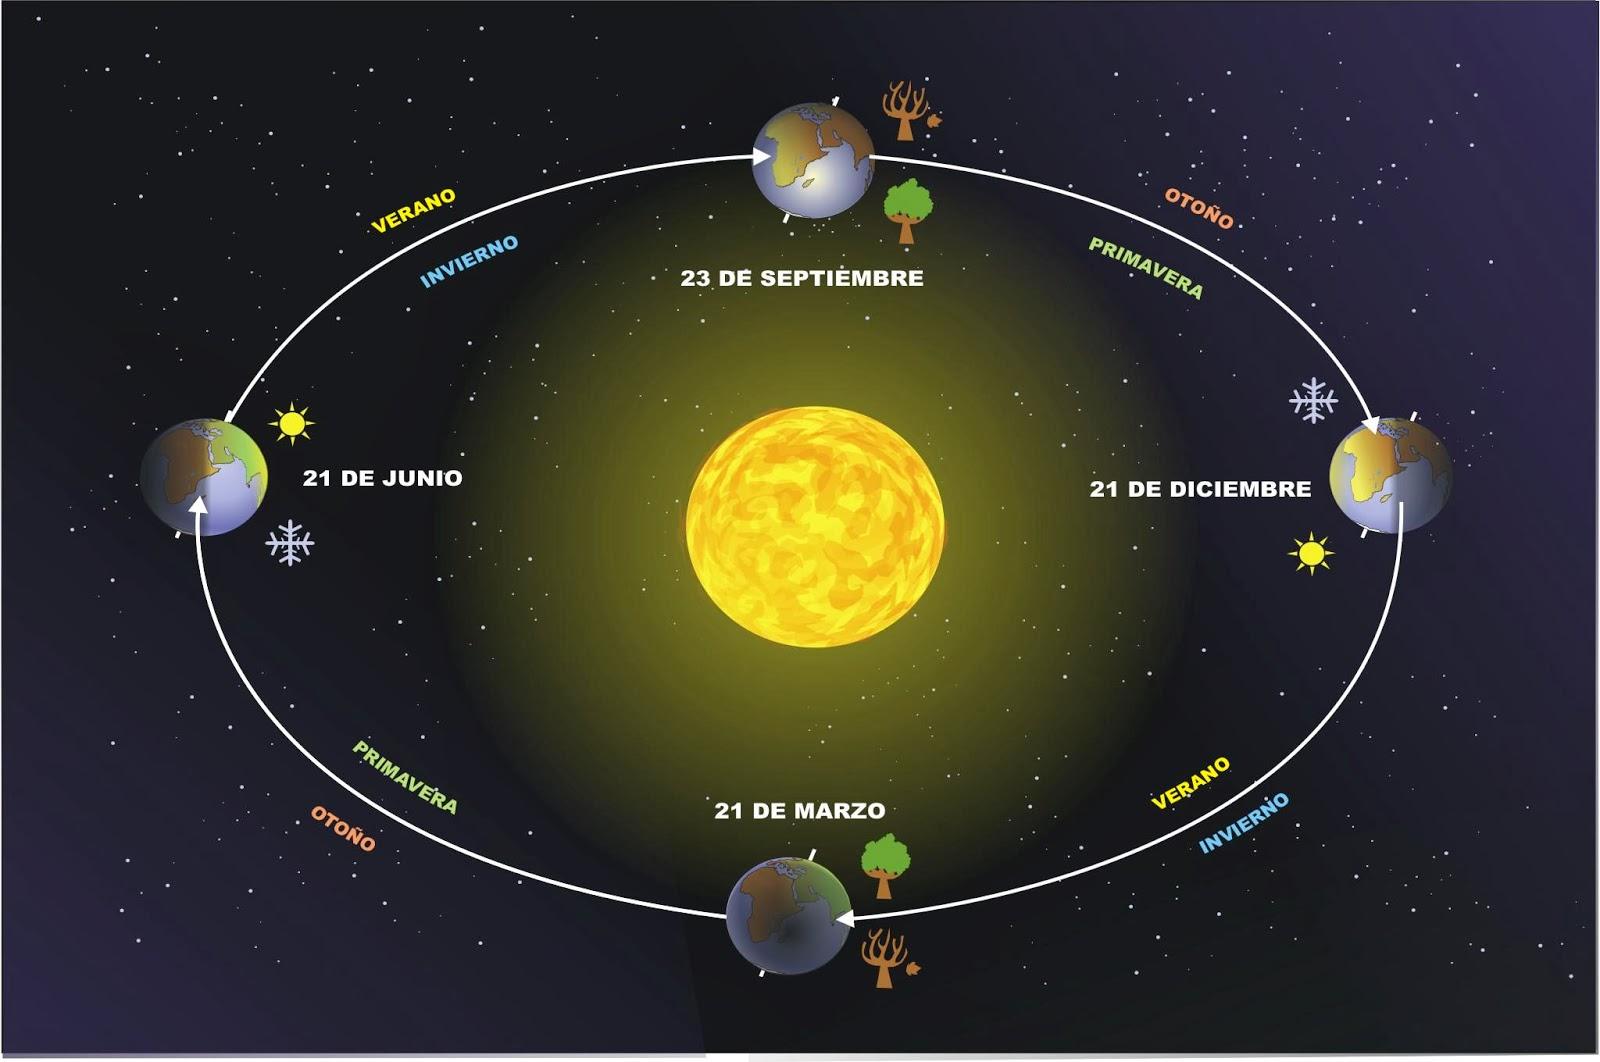 http://www.juntadeandalucia.es/averroes/carambolo/WEB%20JCLIC2/Agrega/Medio/Tierra/Del%20sistema%20solar%20a%20nuestro%20planeta/contenido/cm08_oa04_es/index.html